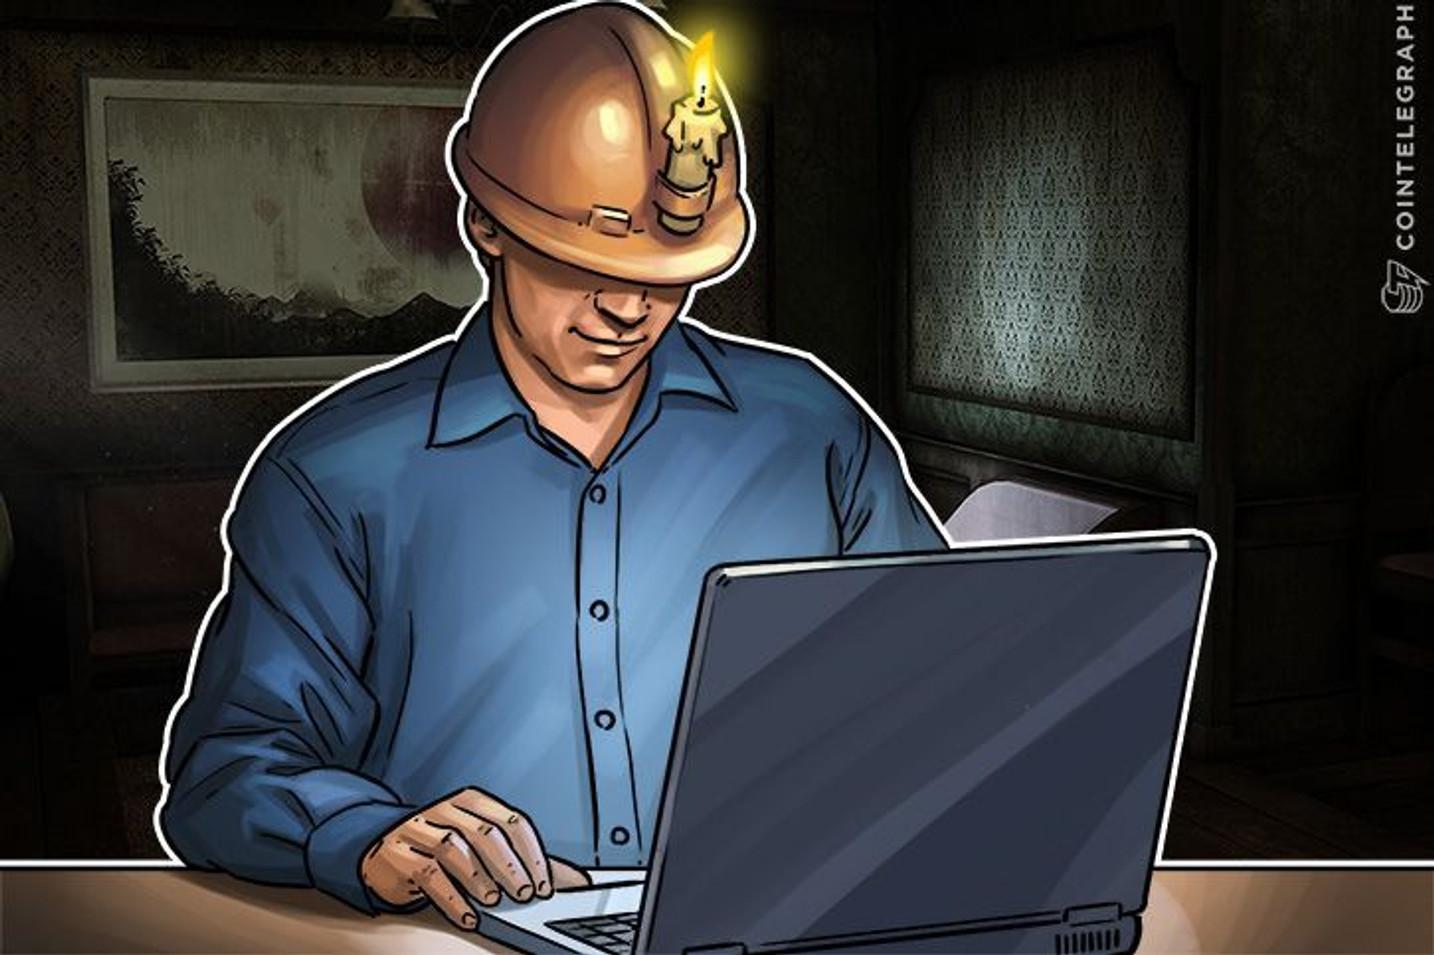 Cingapurianos voltam-se para a mineração de Bitcoin, aumento fenomenal nas vendas de equipamentos de mineração